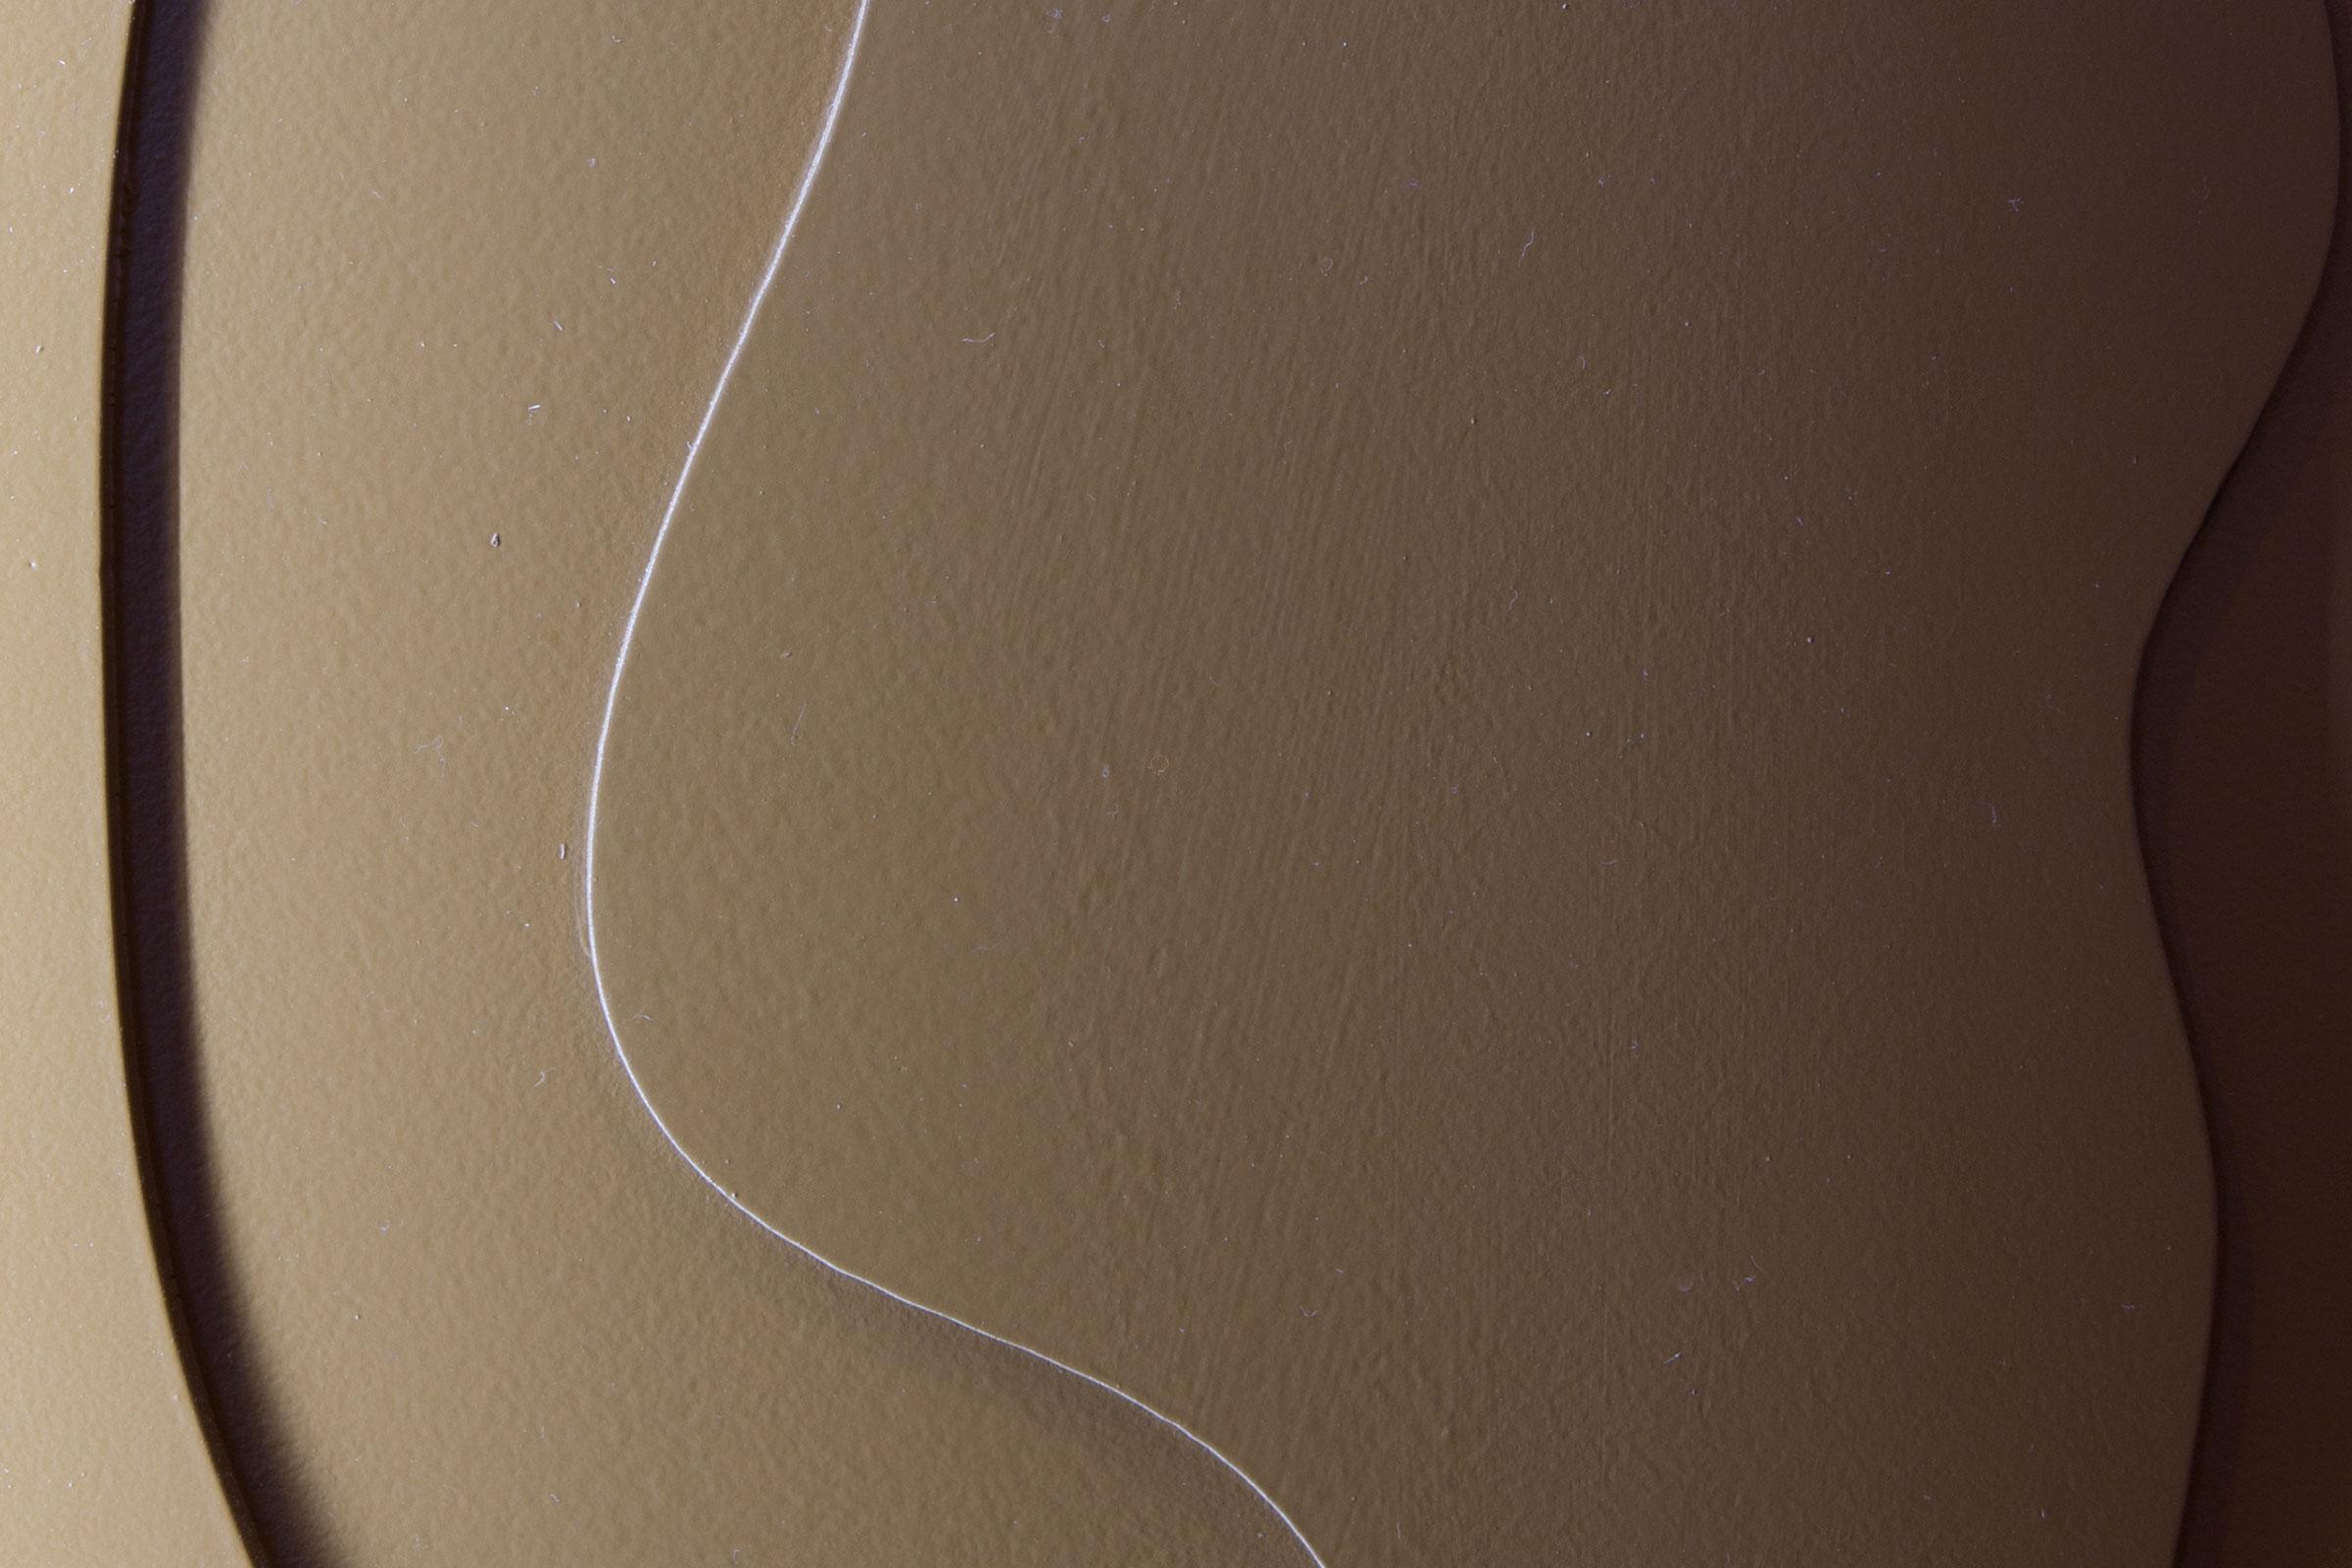 wall pattern close up